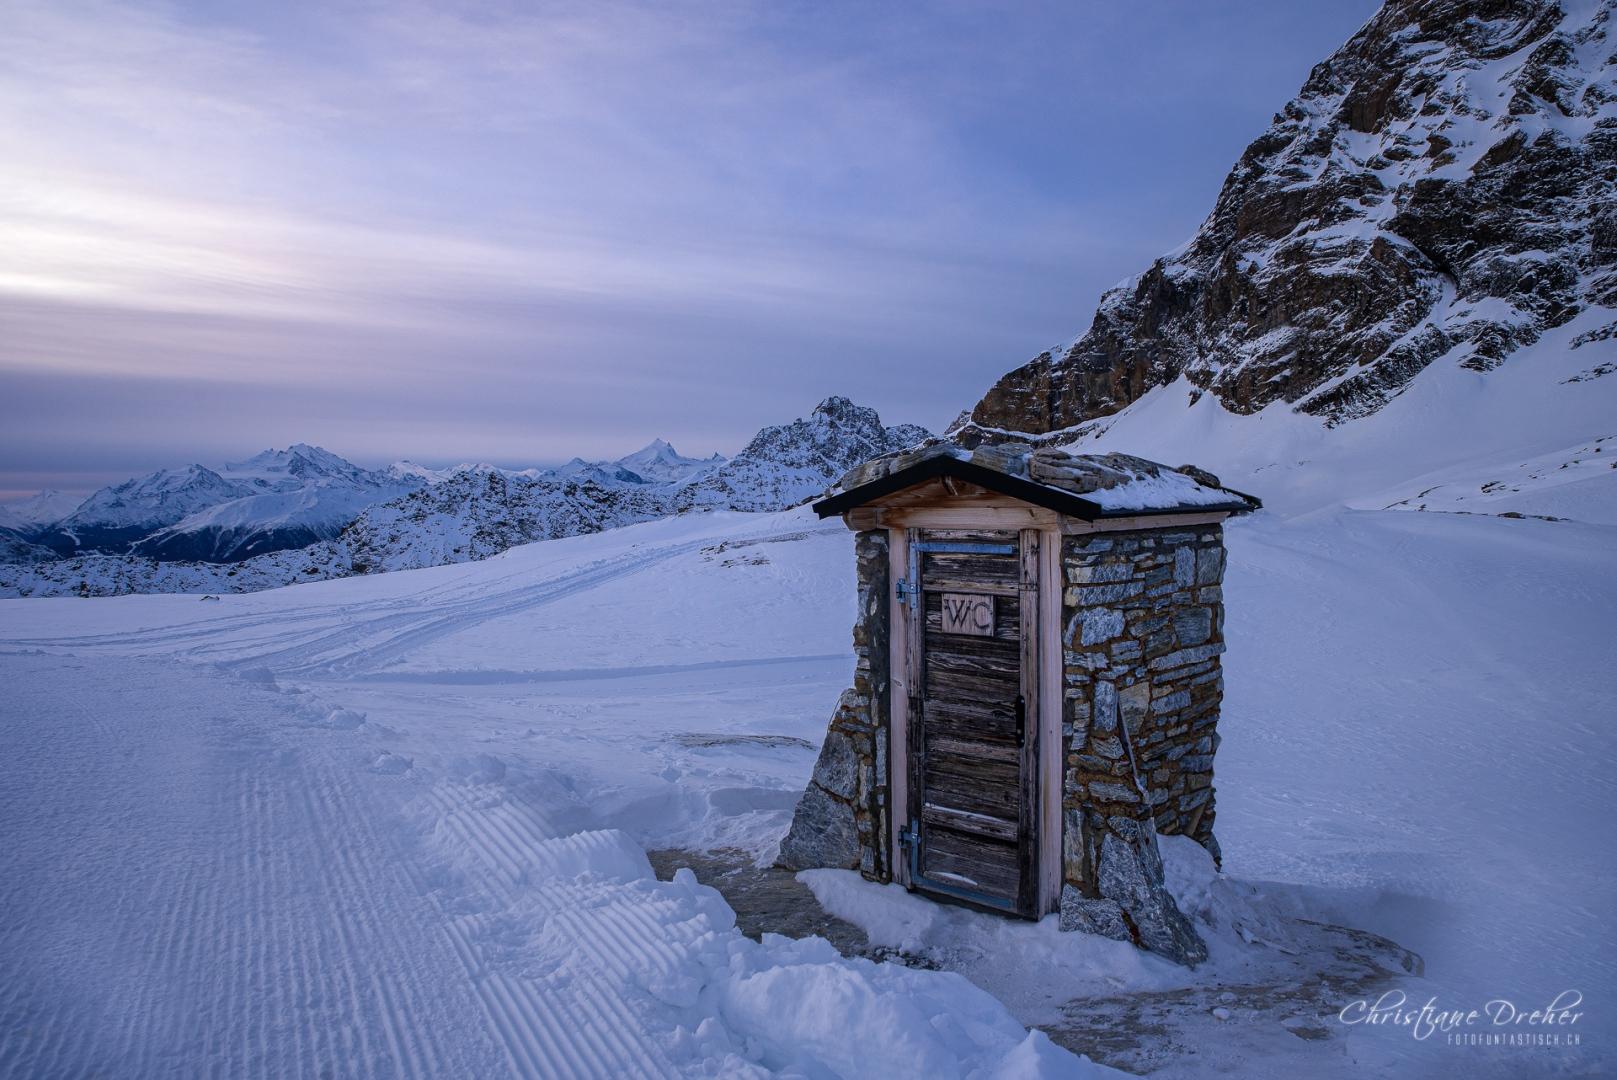 WC Häuschen Lötschenpass - ©Christiane Dreher